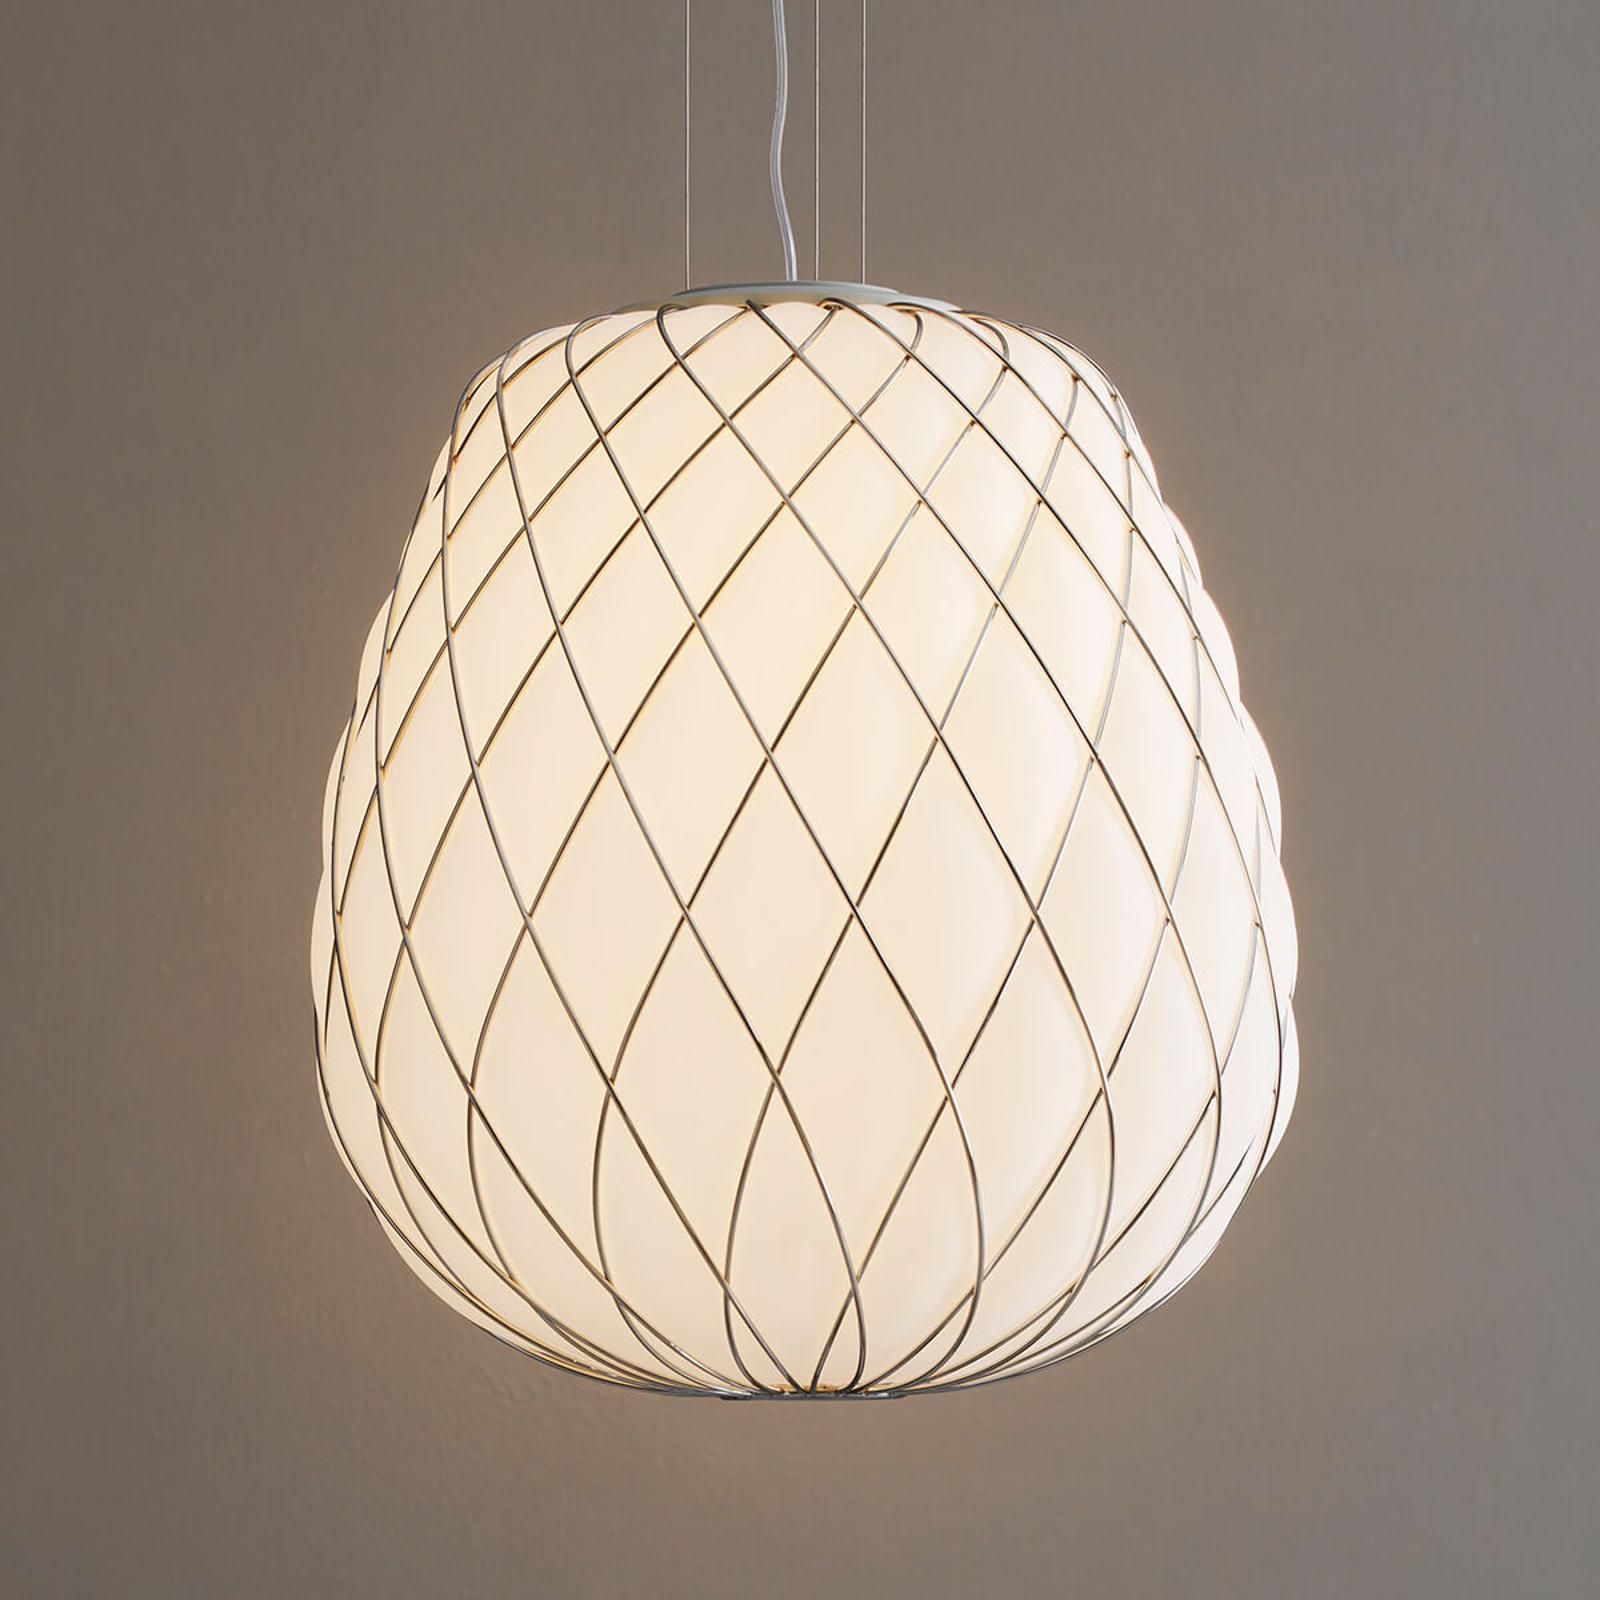 Designerska lampa wisząca Pinecone, mleczne szkło